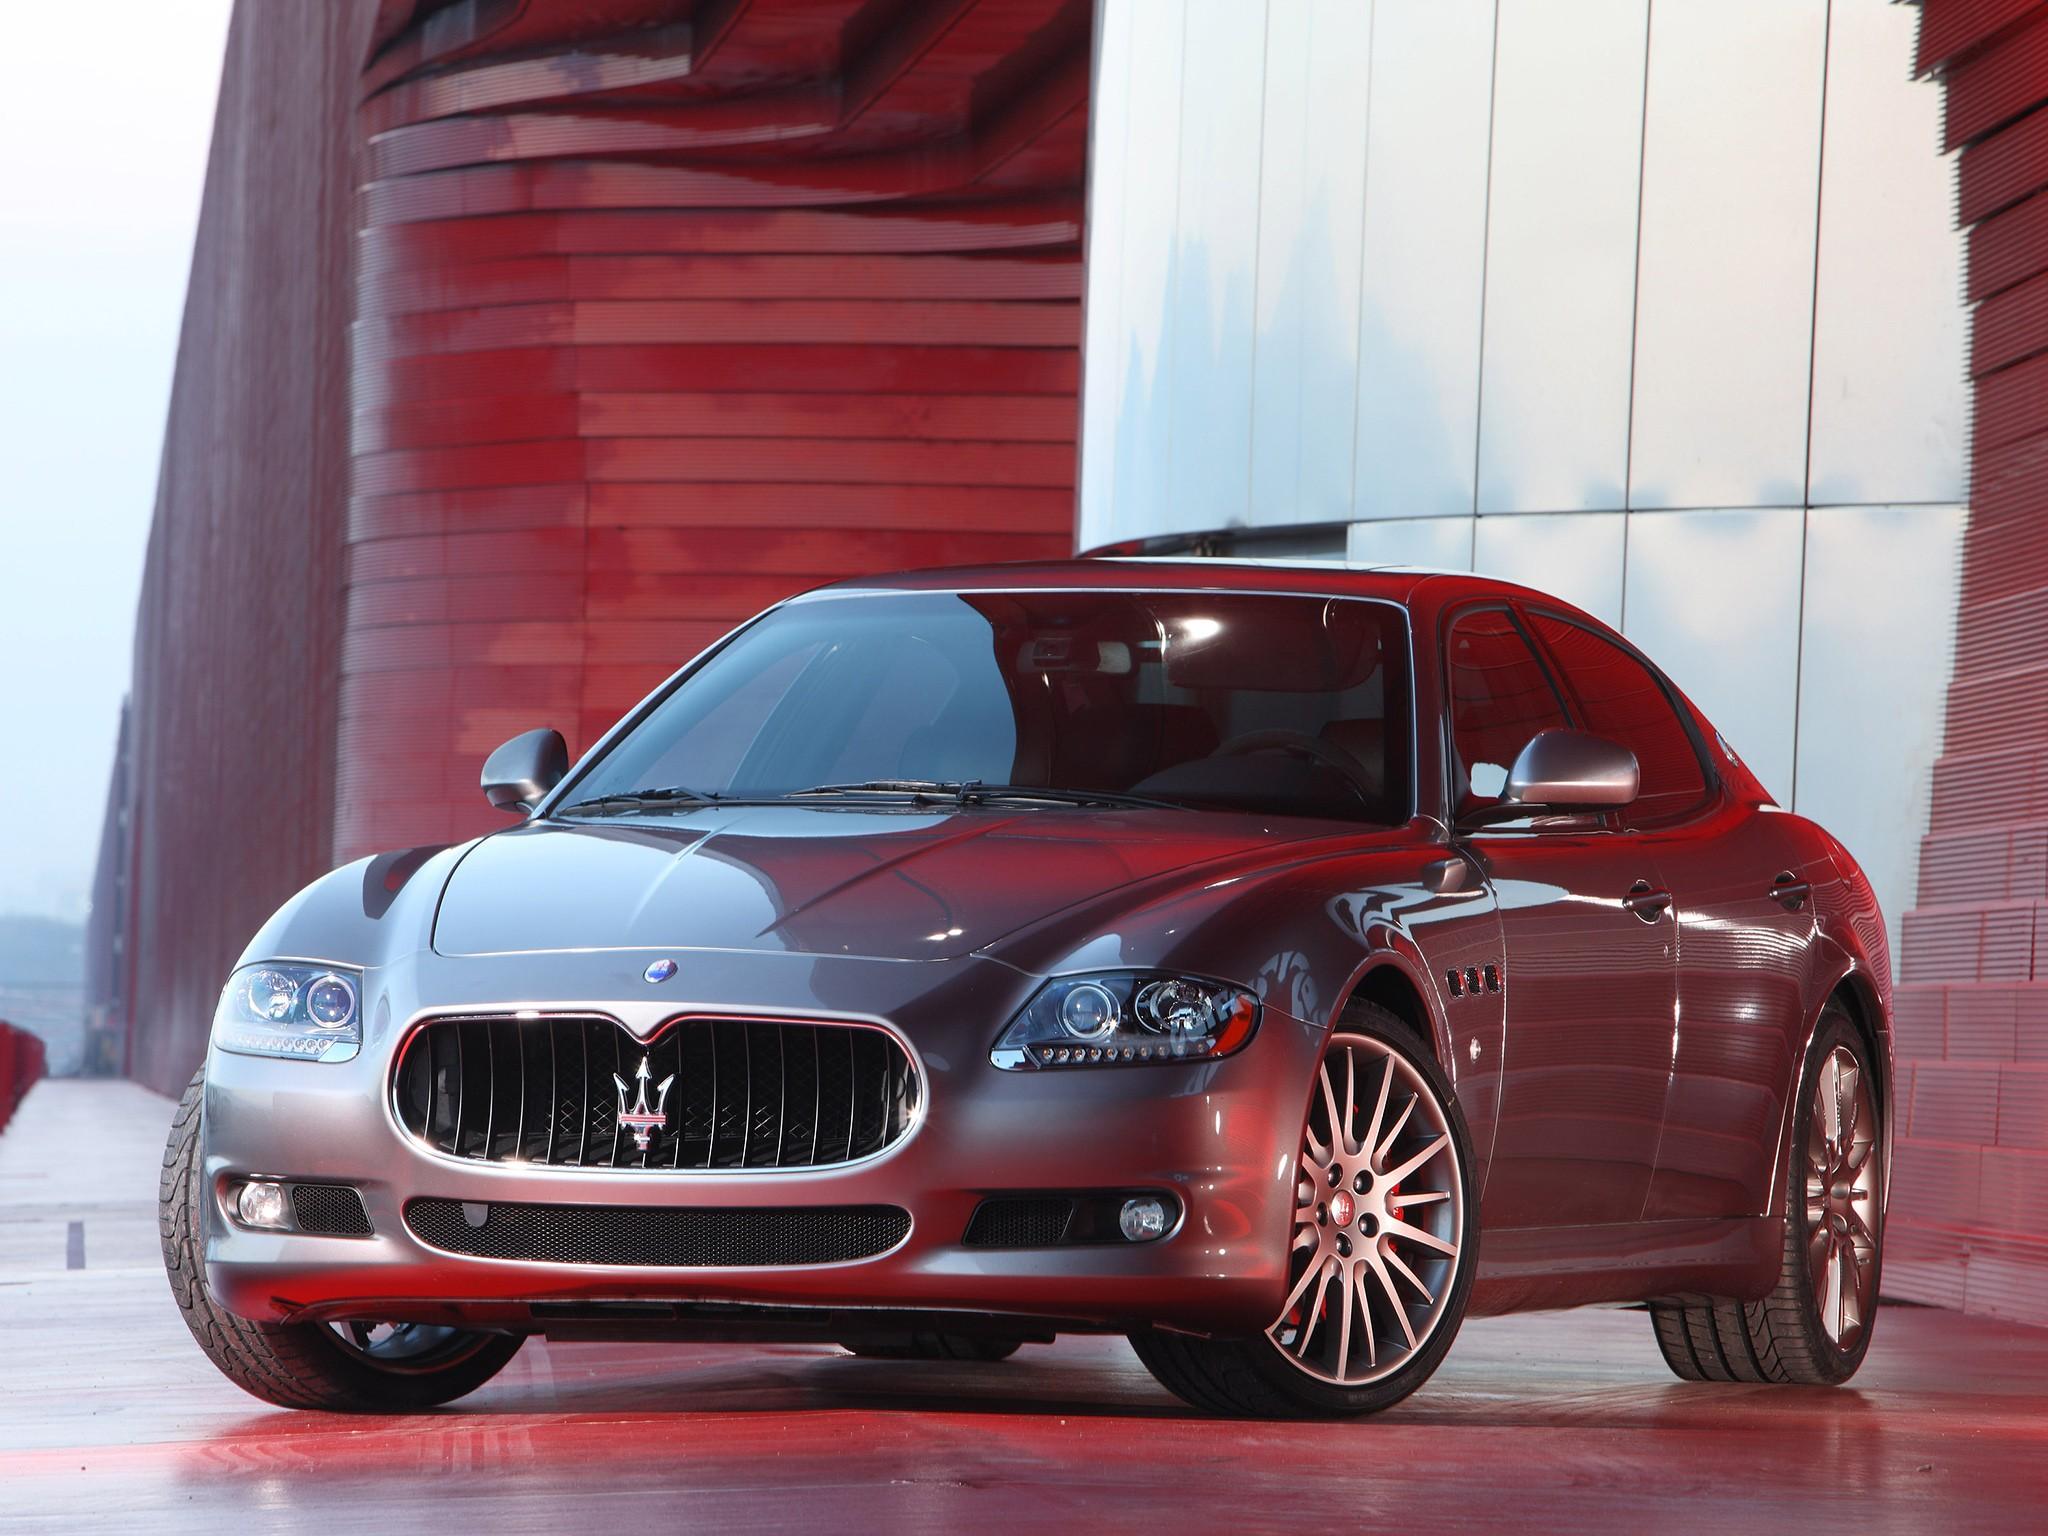 bsimracing |Maserati Quatra Porte